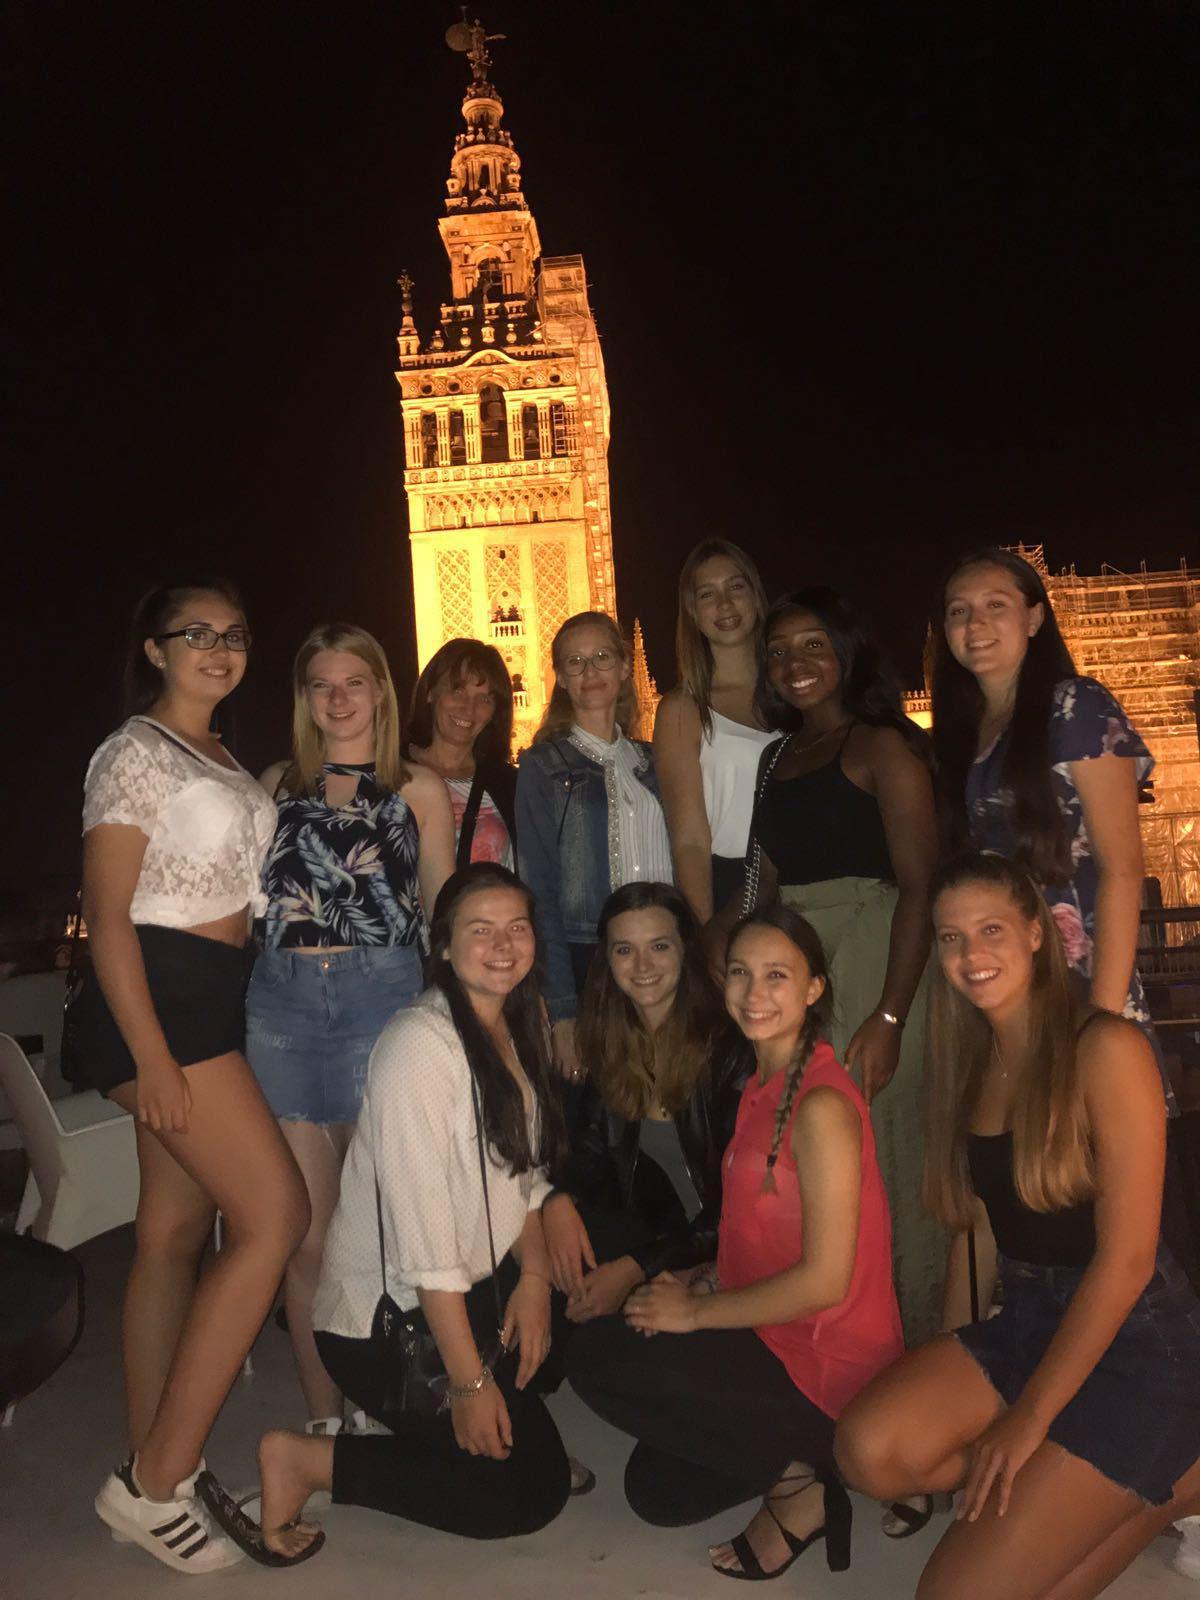 Am-Abend-vor-der-Kathedrale-von-Sevilla-1